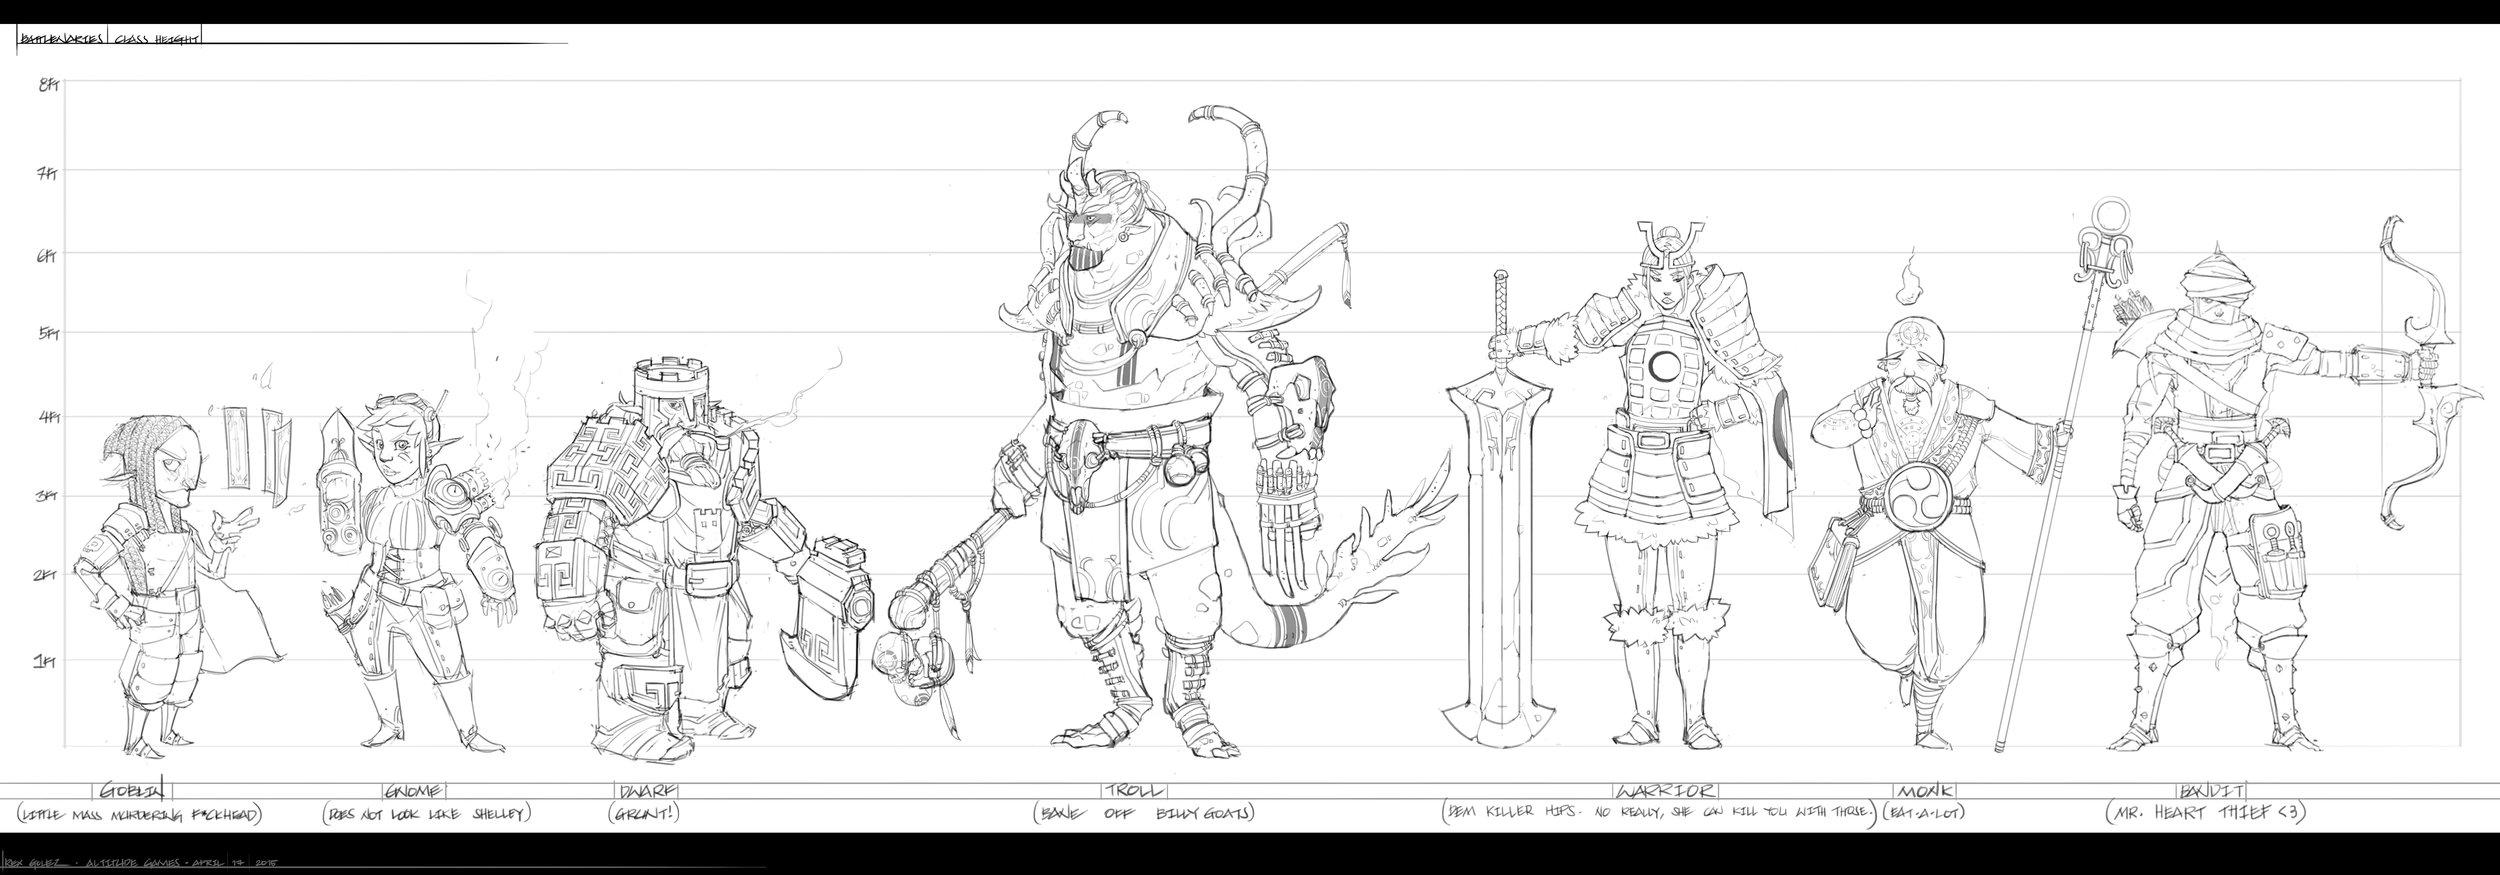 Battlenaries_Height_Form.jpg